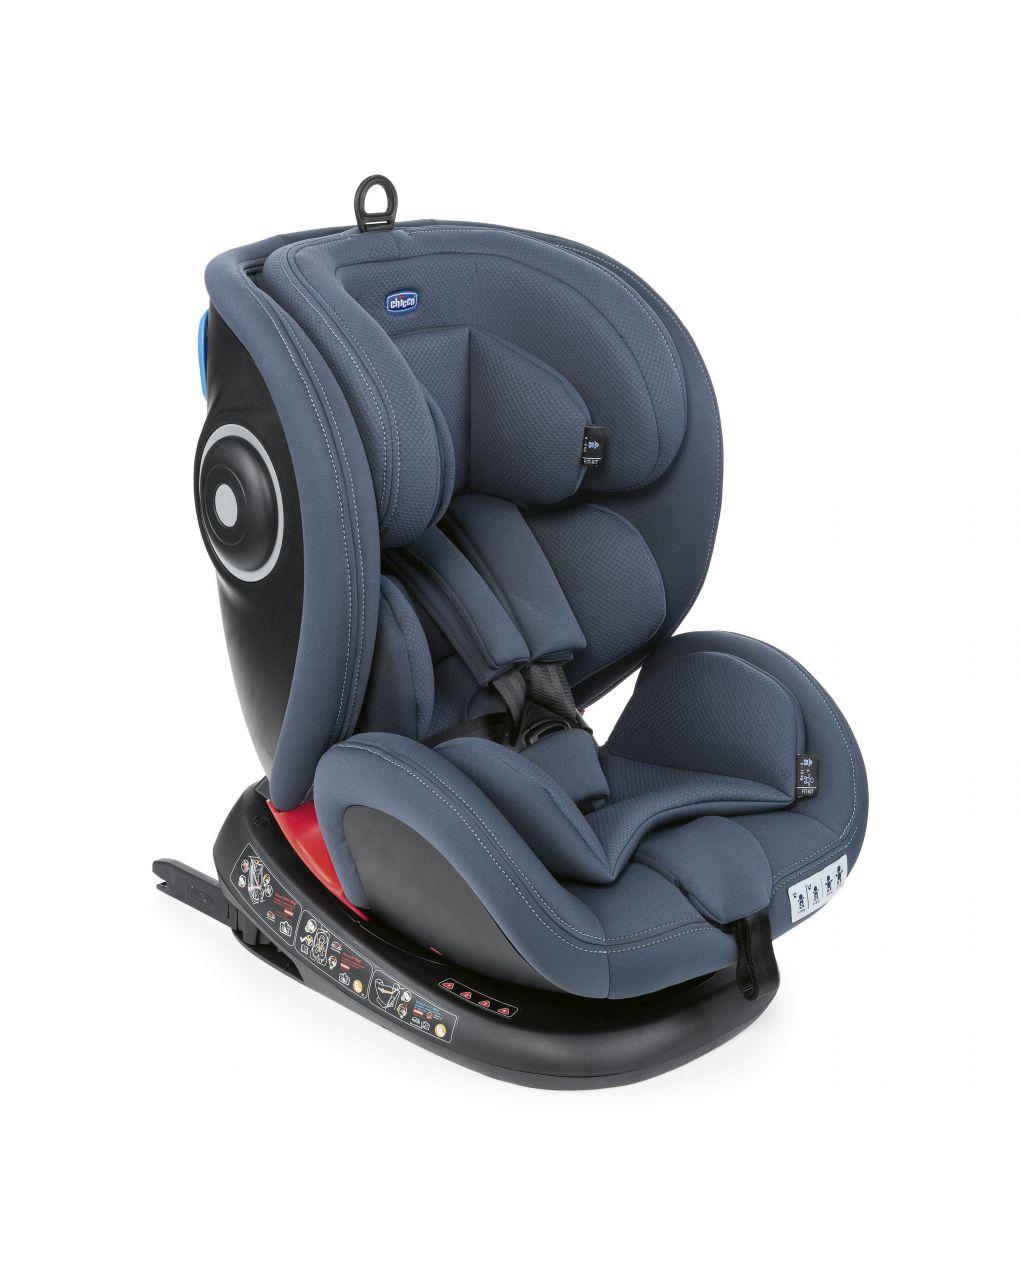 Seggiolino seat4fix india ink - Chicco